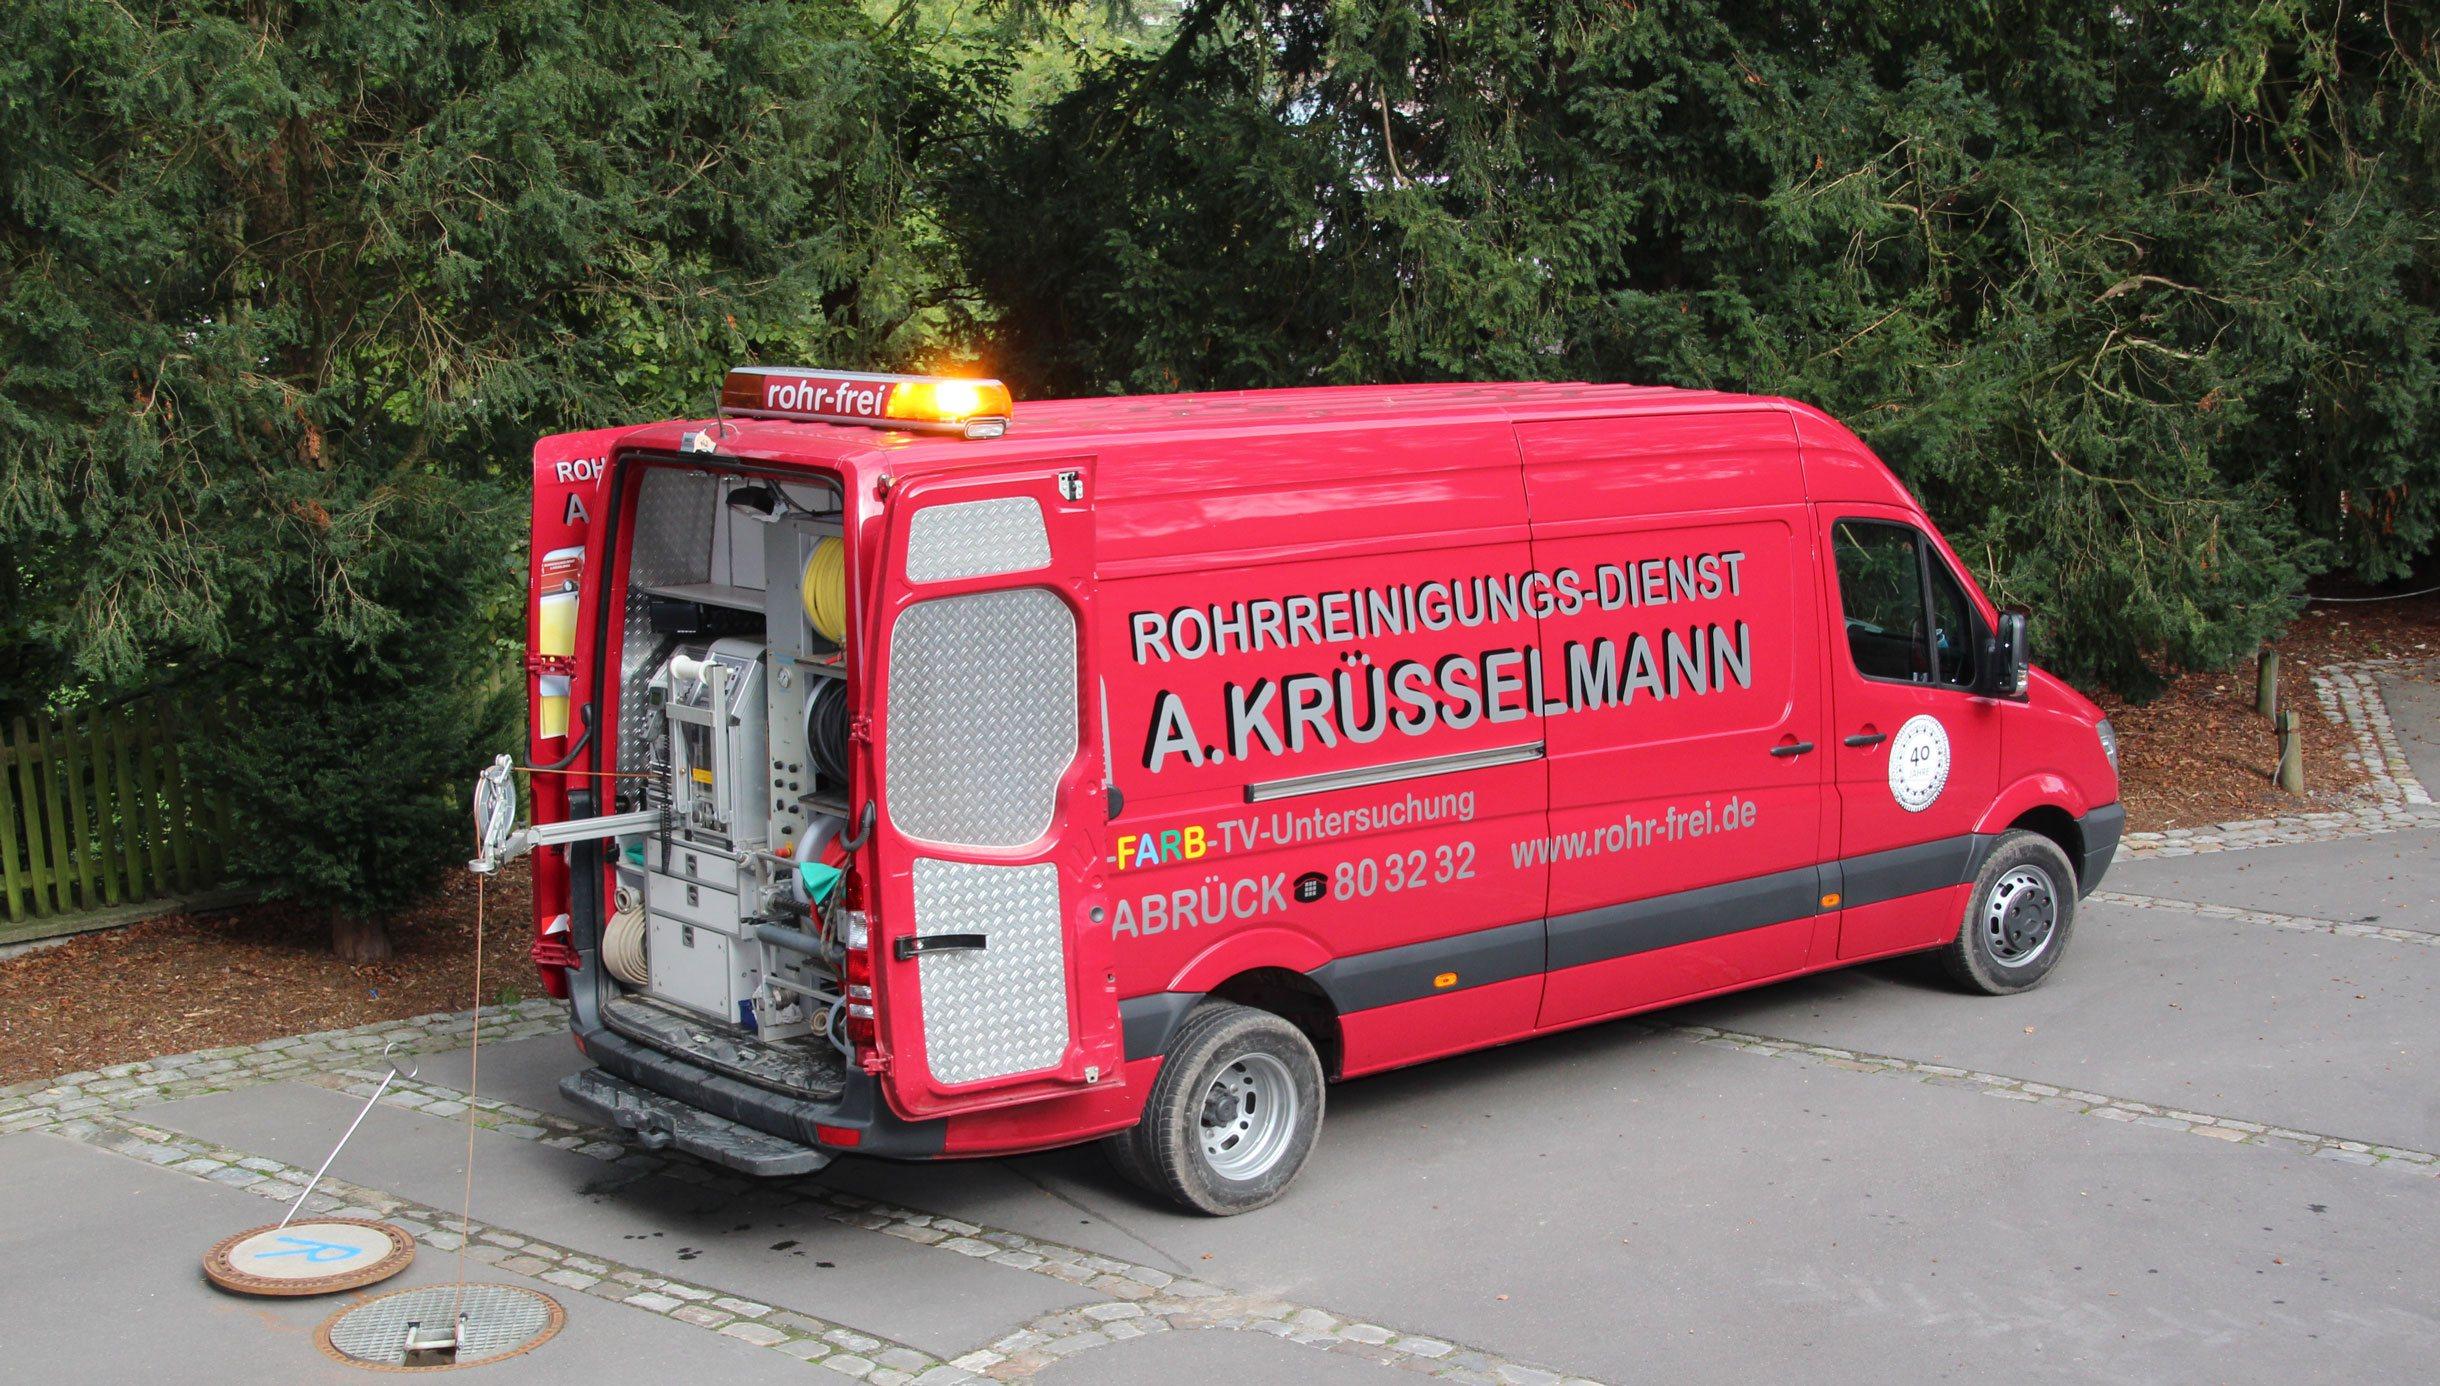 Sprinter vom Rohrreiningungs-dienst A. Krüsselmann